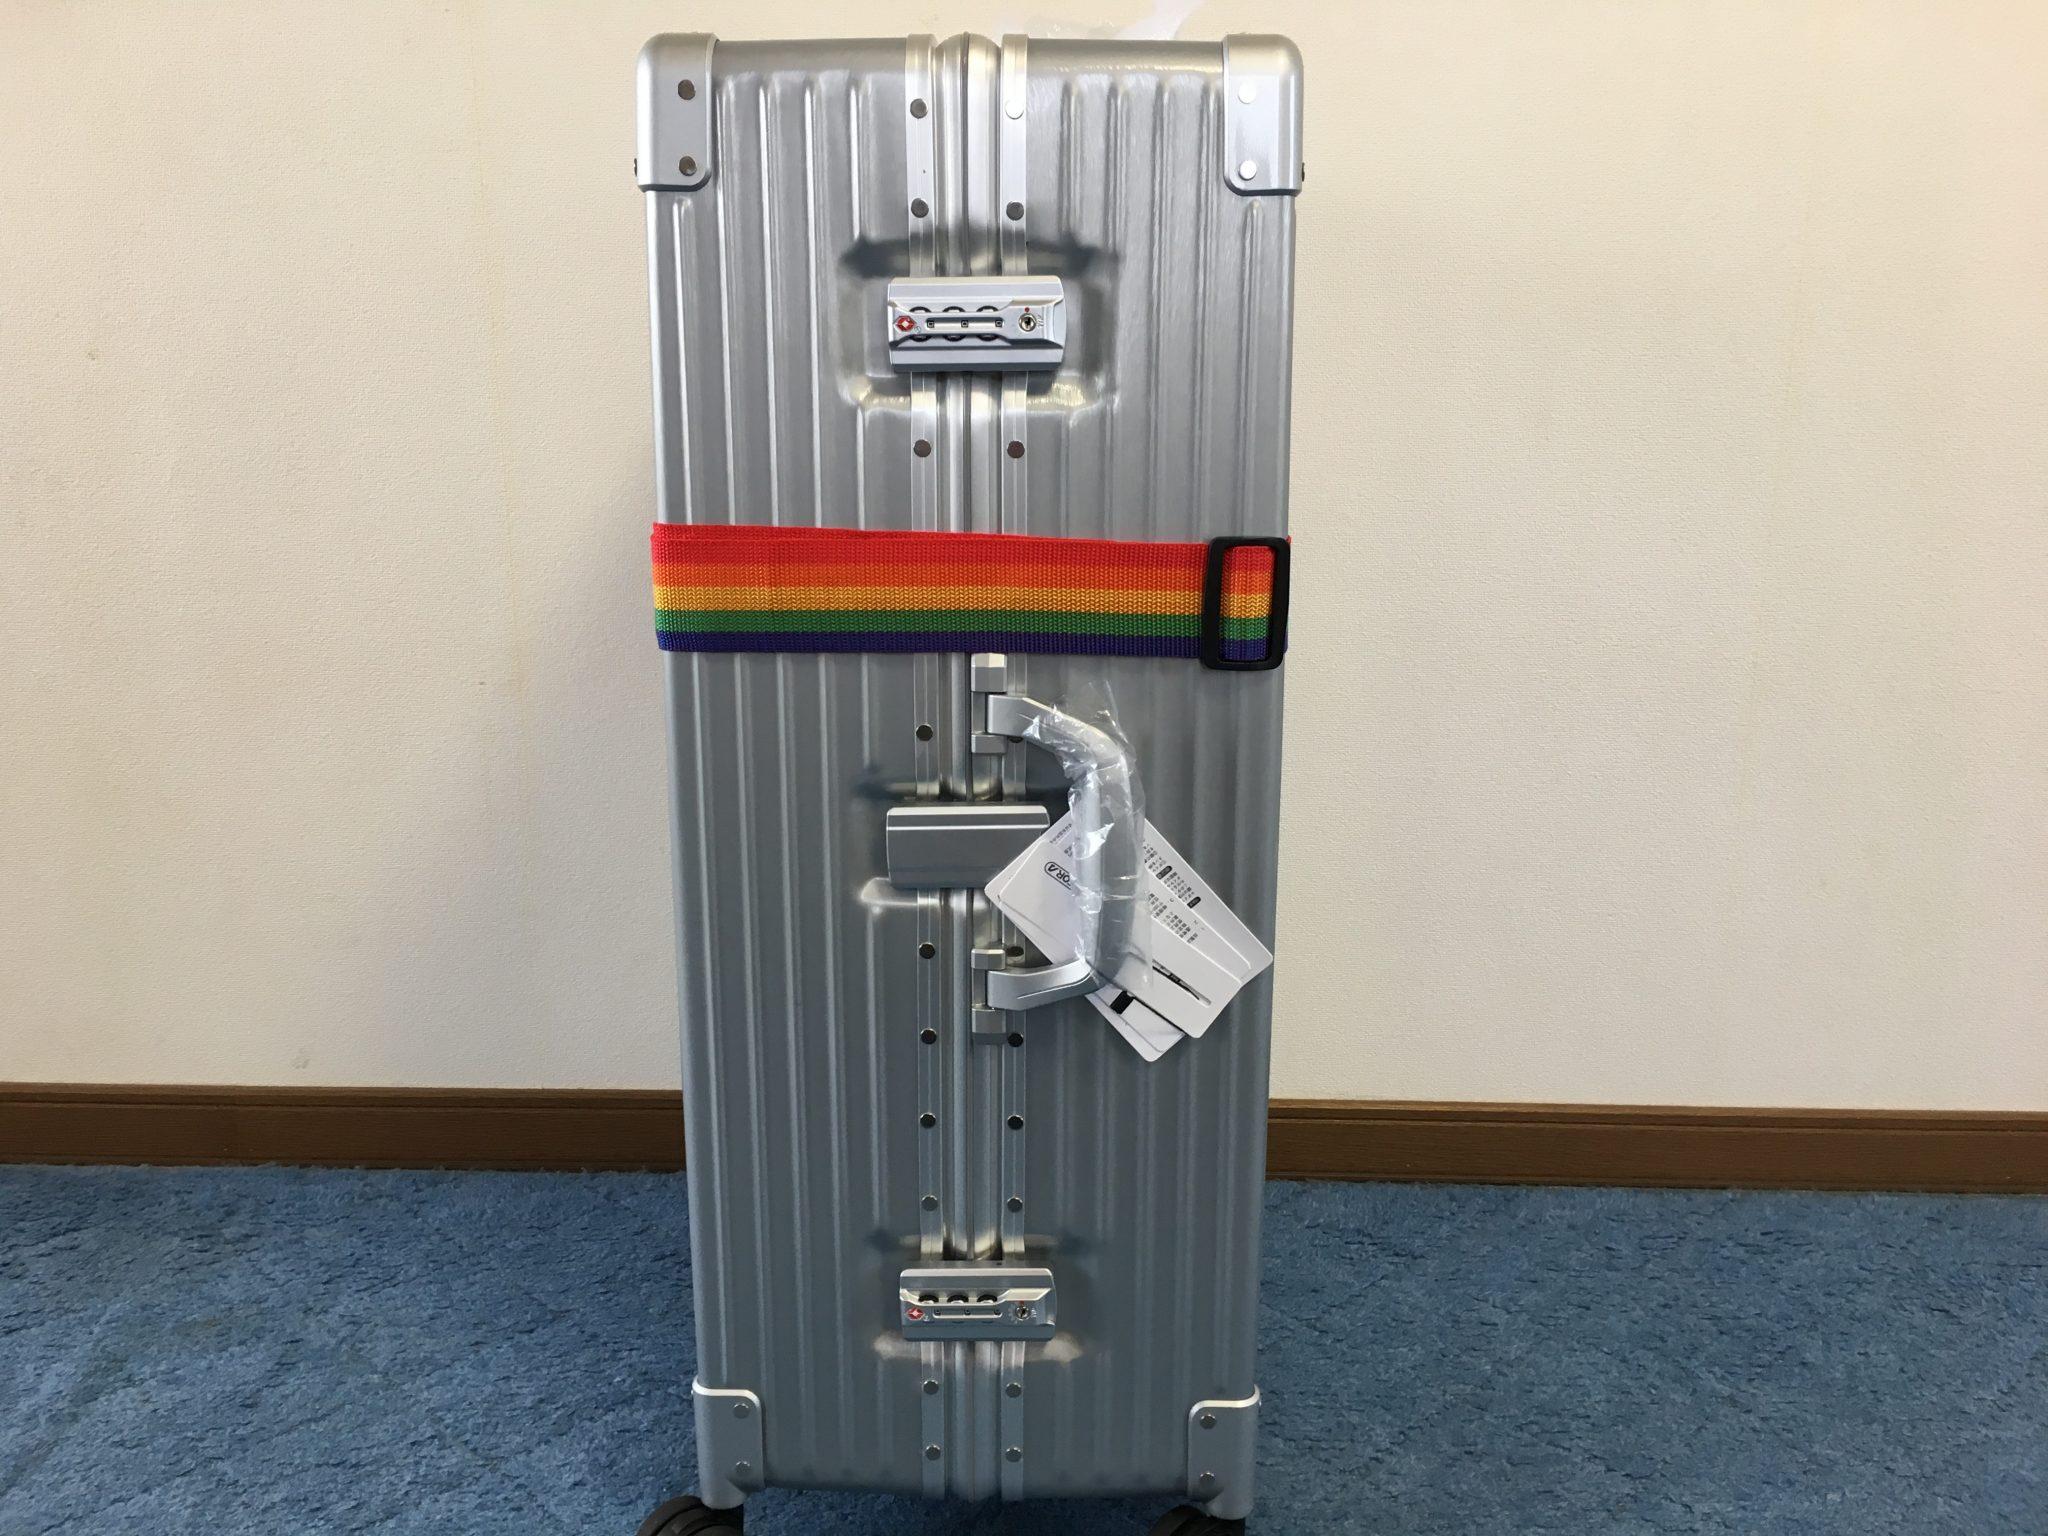 リモワ風スーツケースを購入したからレビューするよ!タビトラの評判は噂通り?